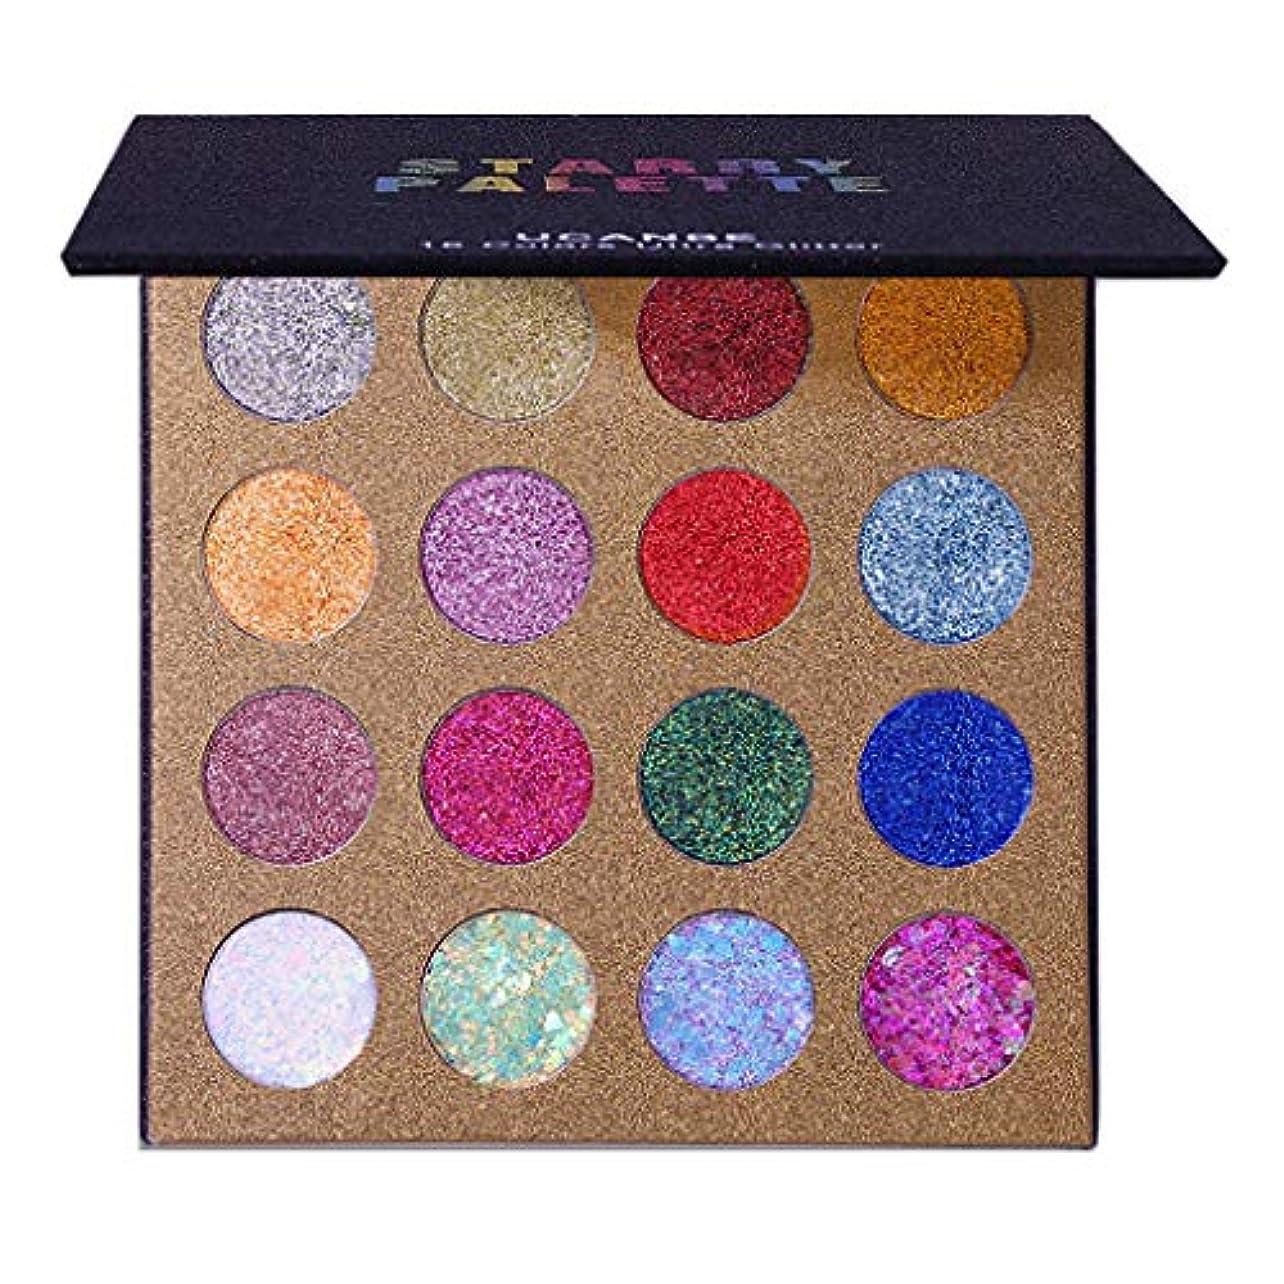 カバー協力モッキンバードGOOD lask 16色のきらめきのきらめきのアイシャドウの粉のアイシャドウの化粧品の構造